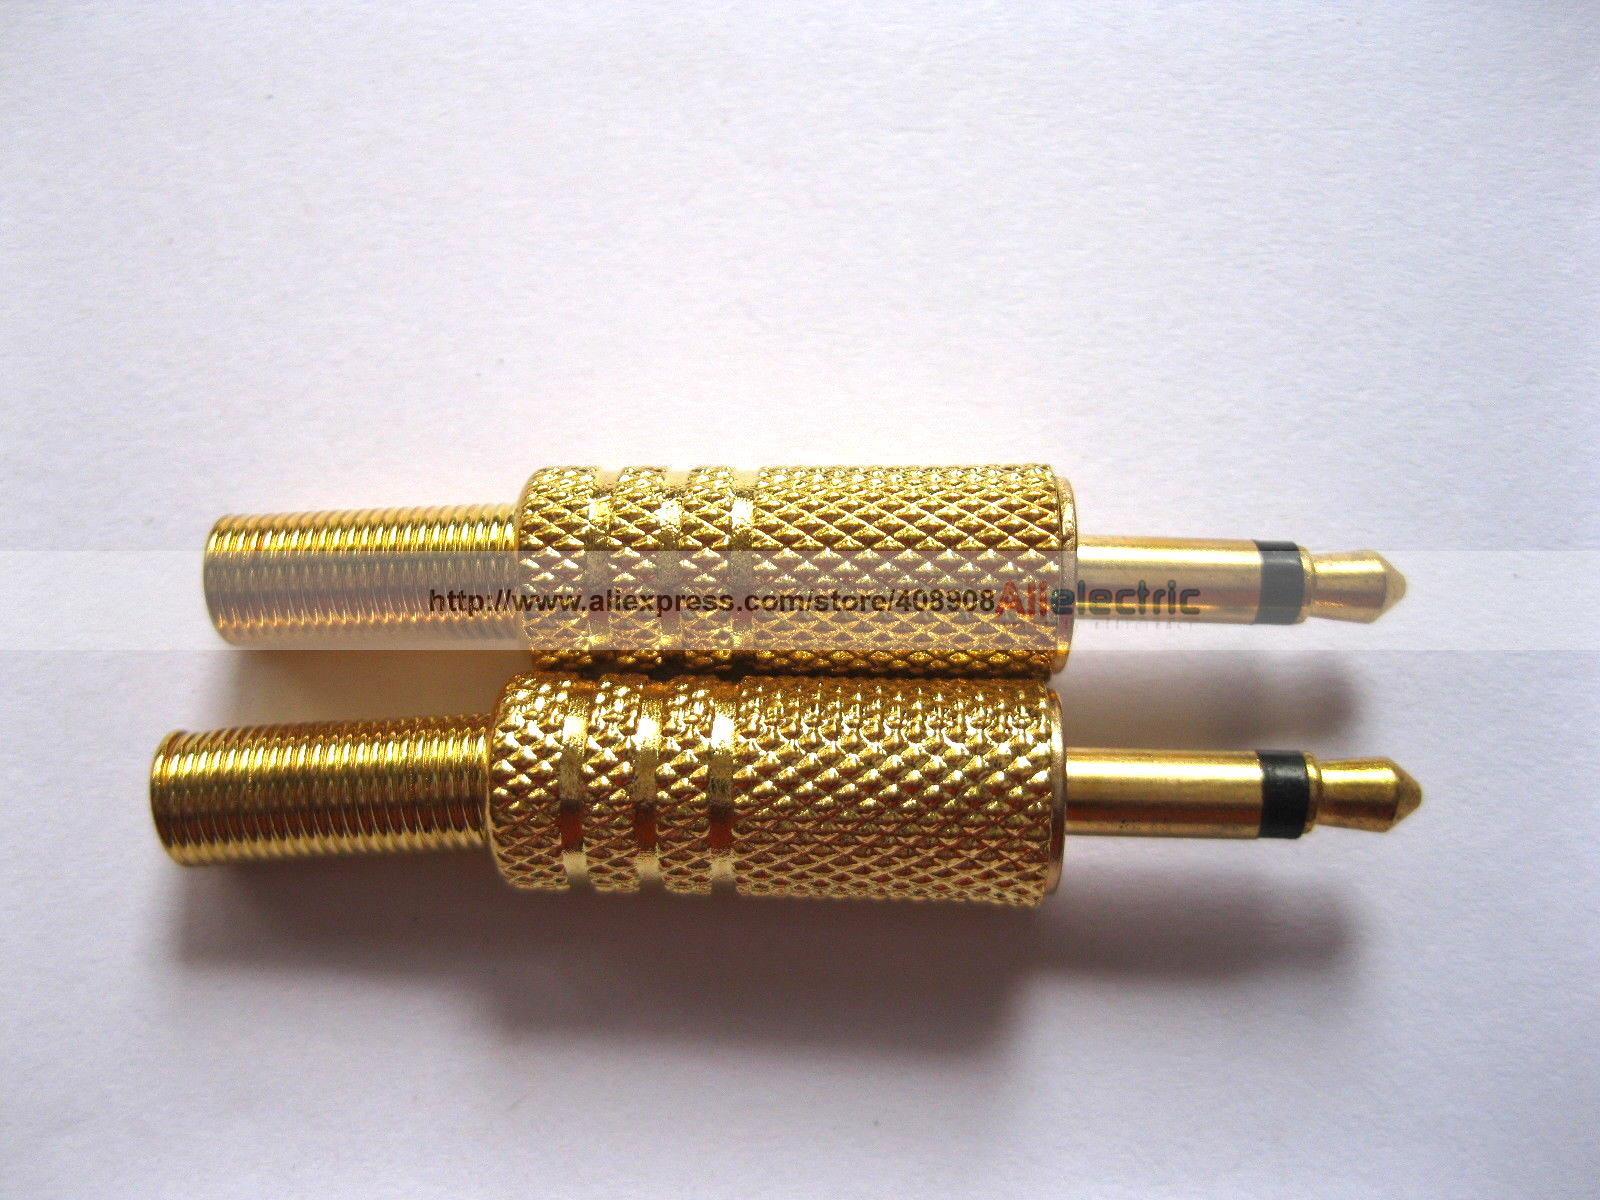 30 قطعة 3.5 مللي متر قابس صوتي أحادي مطلي بالذهب مع زنبرك